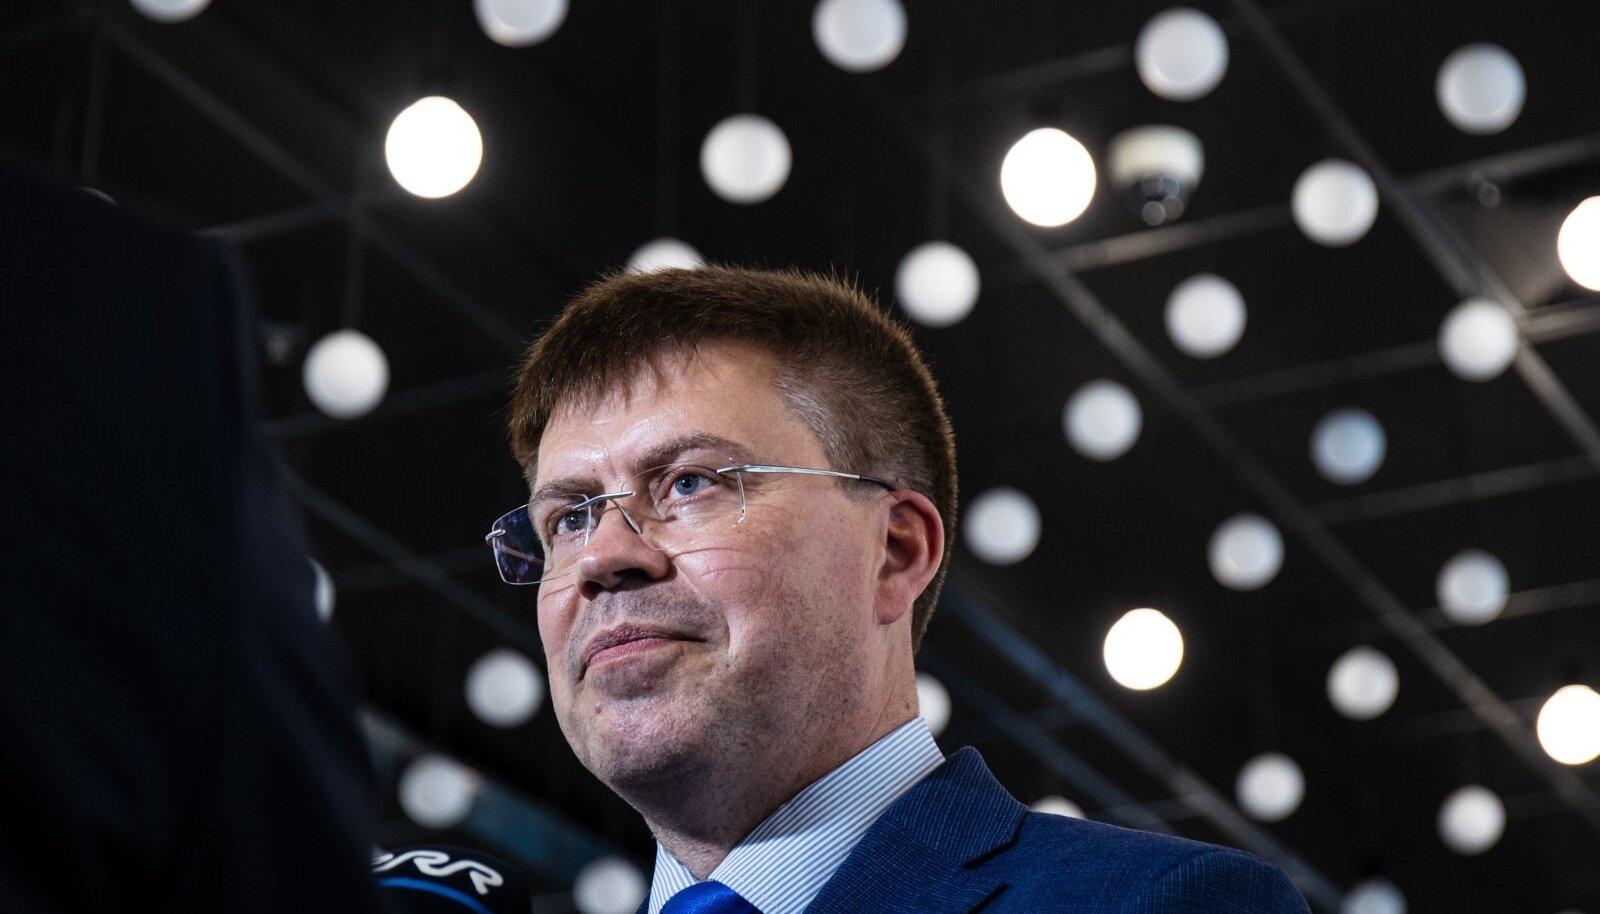 Tallinn, 06.09.2021. Terviseameti peadirektor Üllar Lanno teatas pressikonverentsil oma tagasiastumisest.